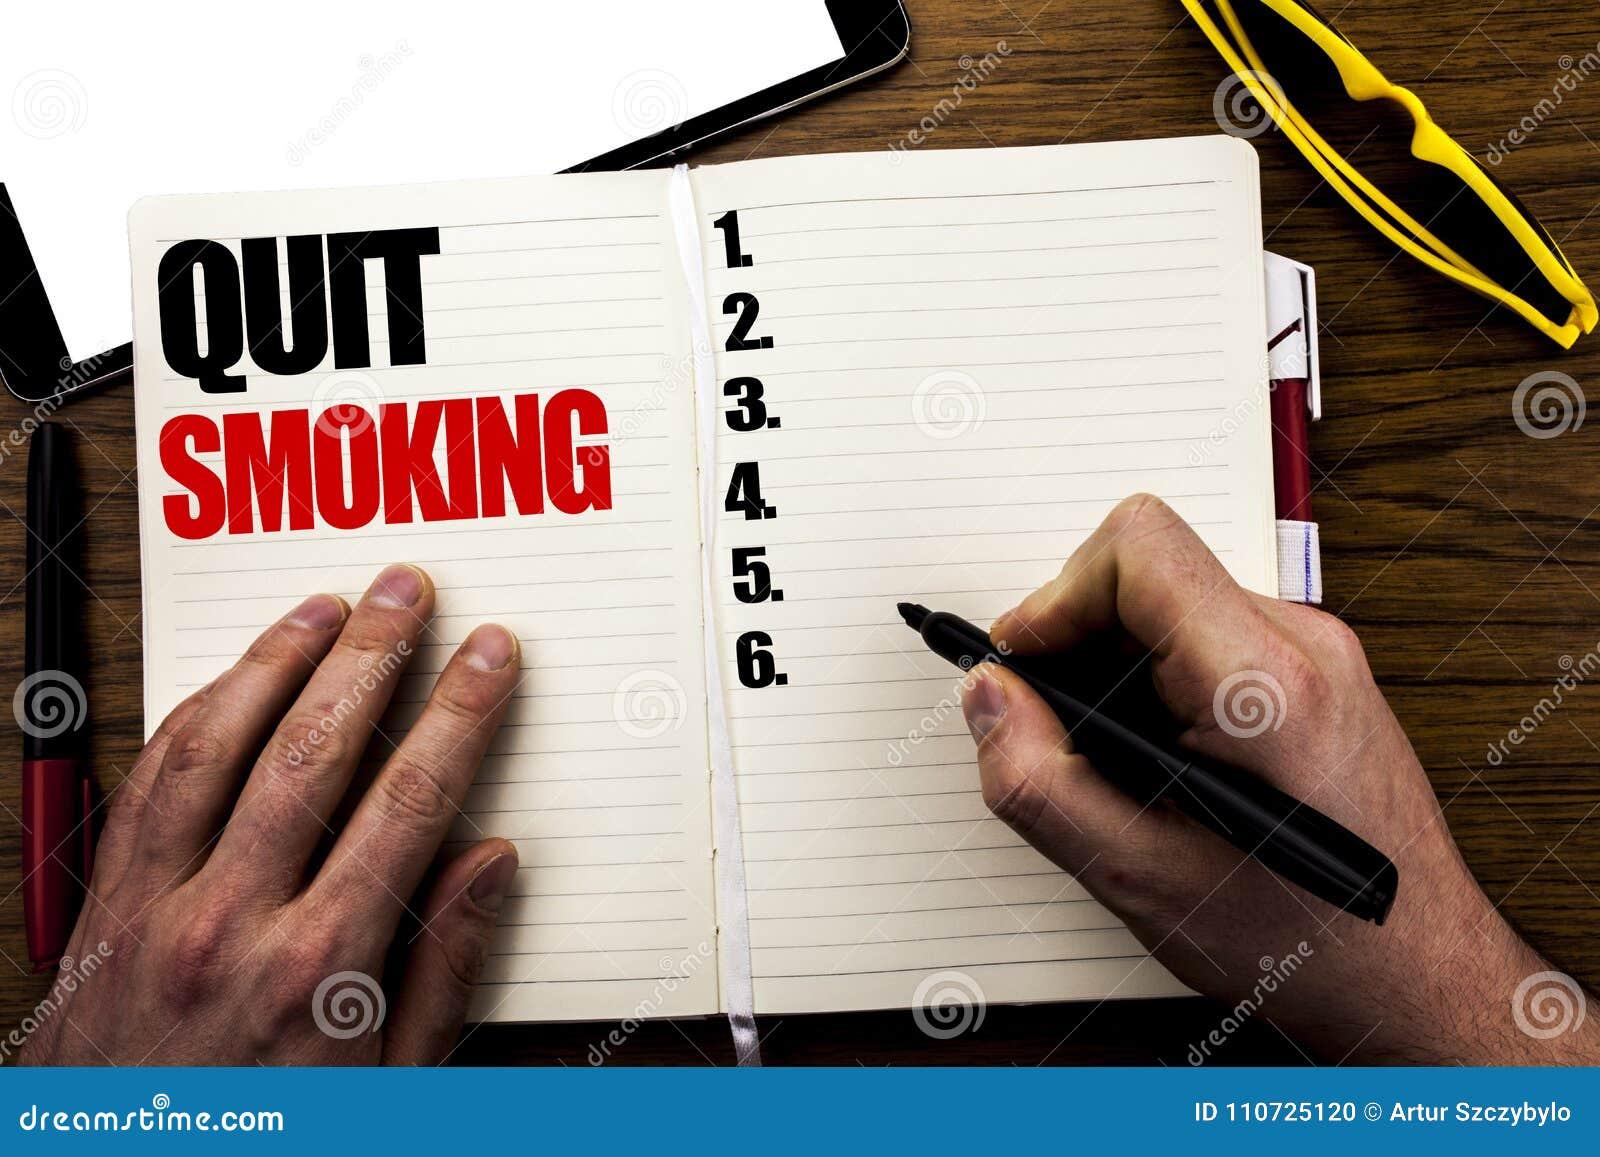 Smoking book quit